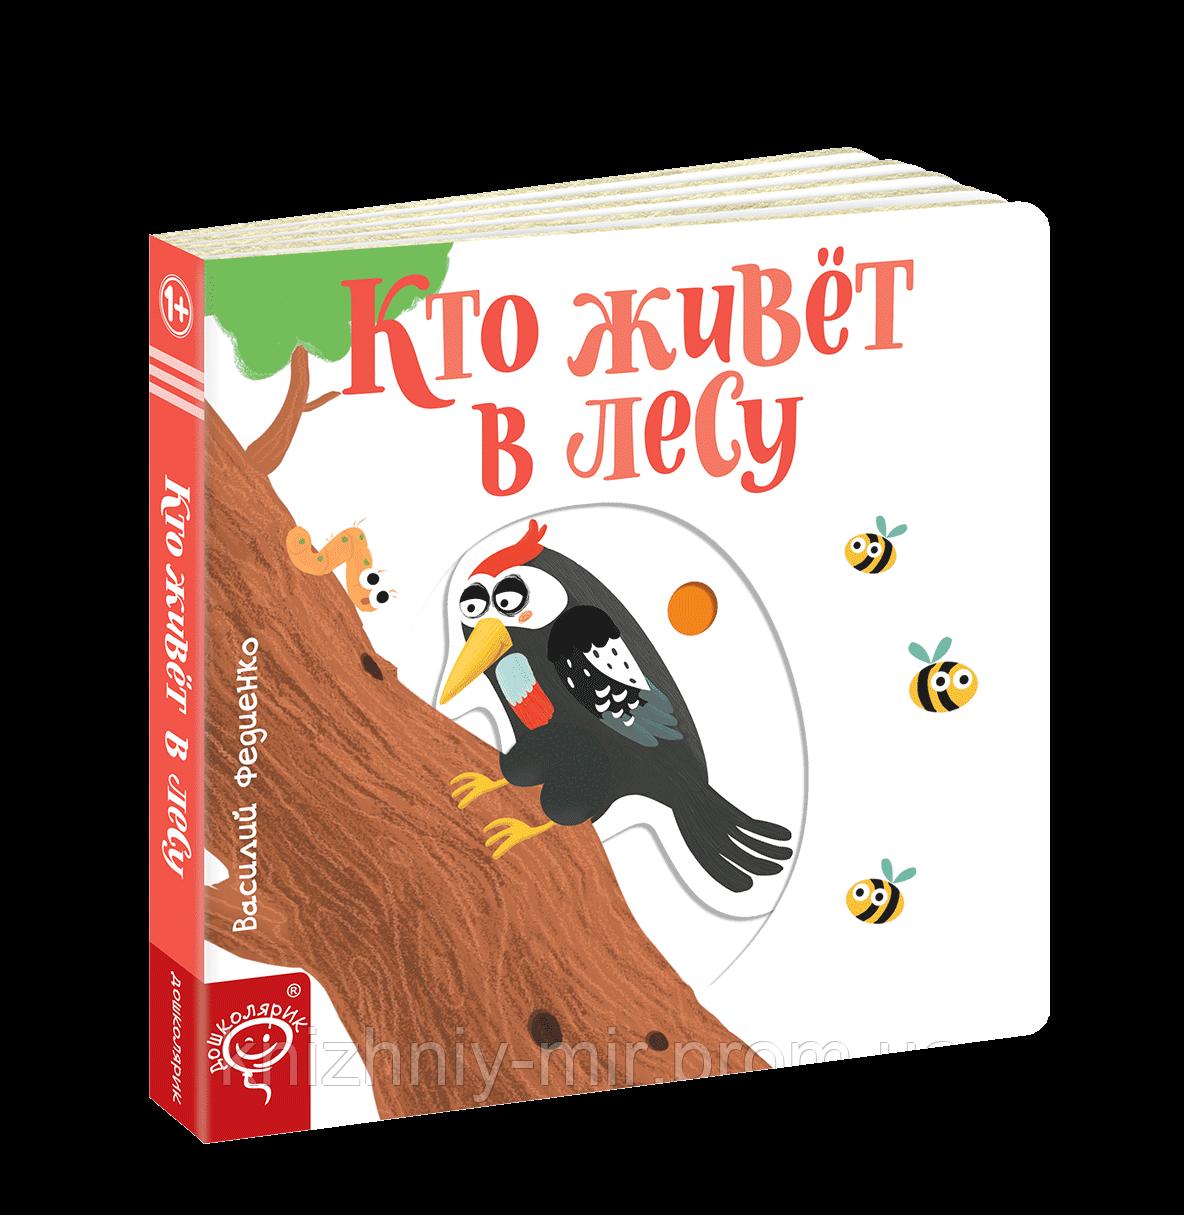 Розвивальні книжки на картоні Хто живе у лісі (російською мовою)